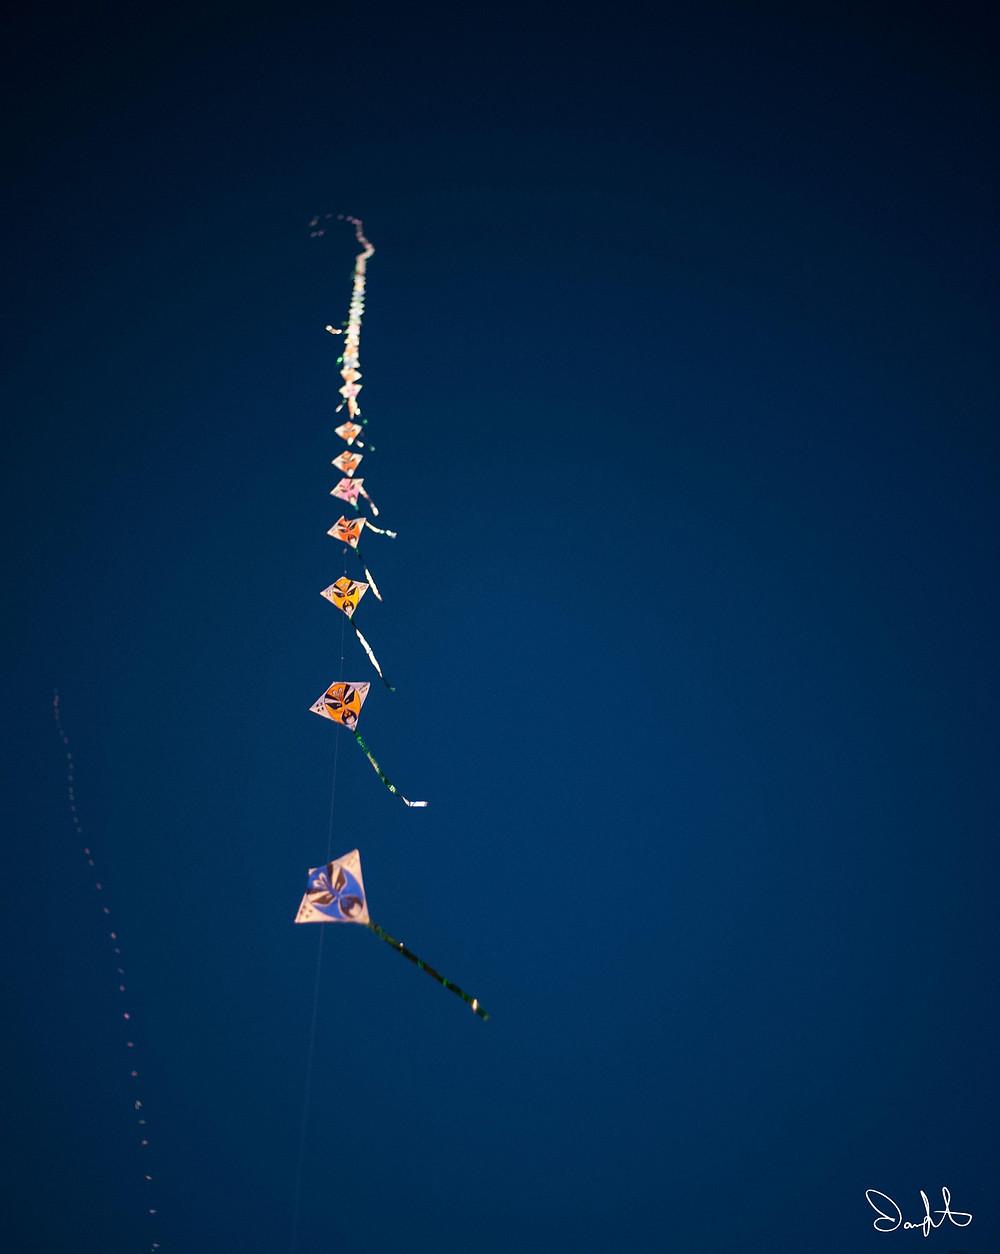 Kites in Xi'an